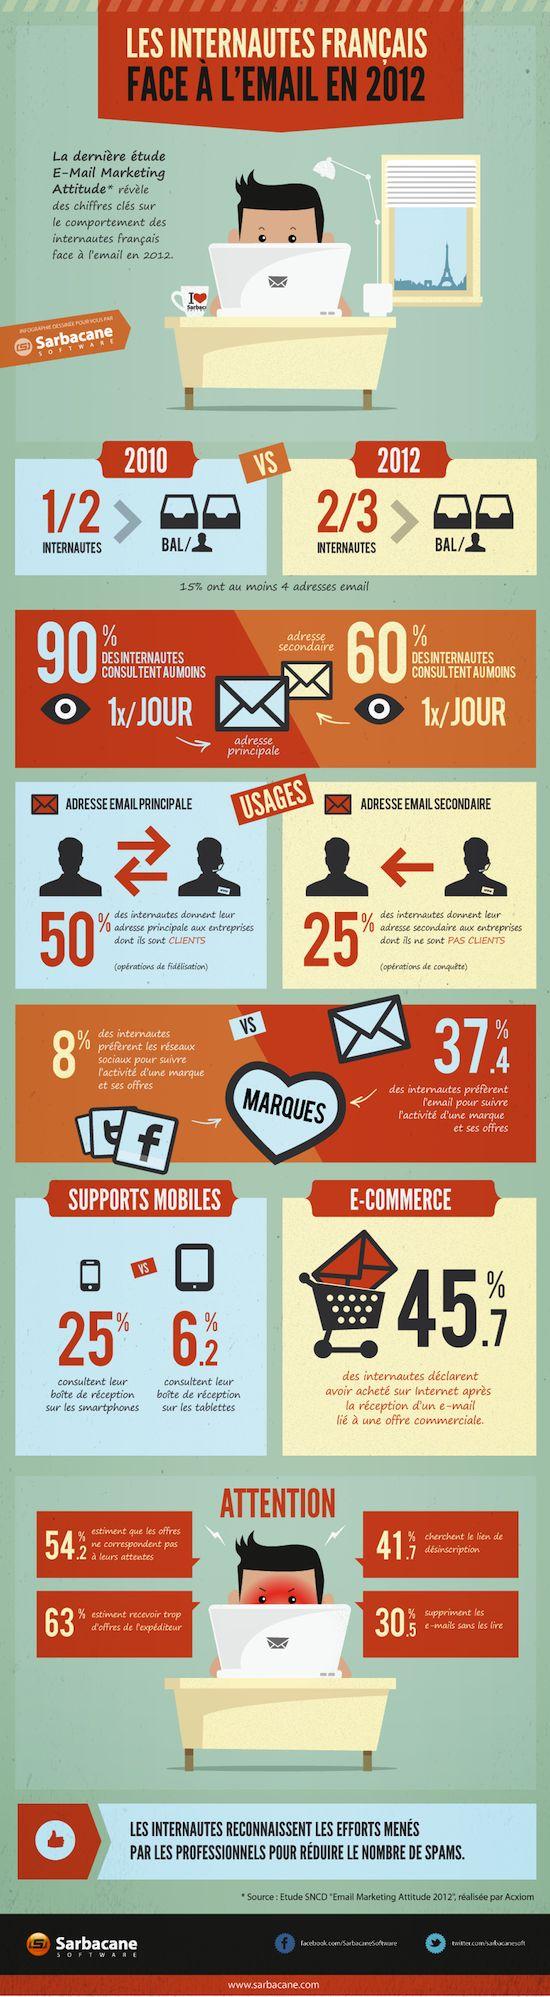 Les internautes français face à l'email en 2012